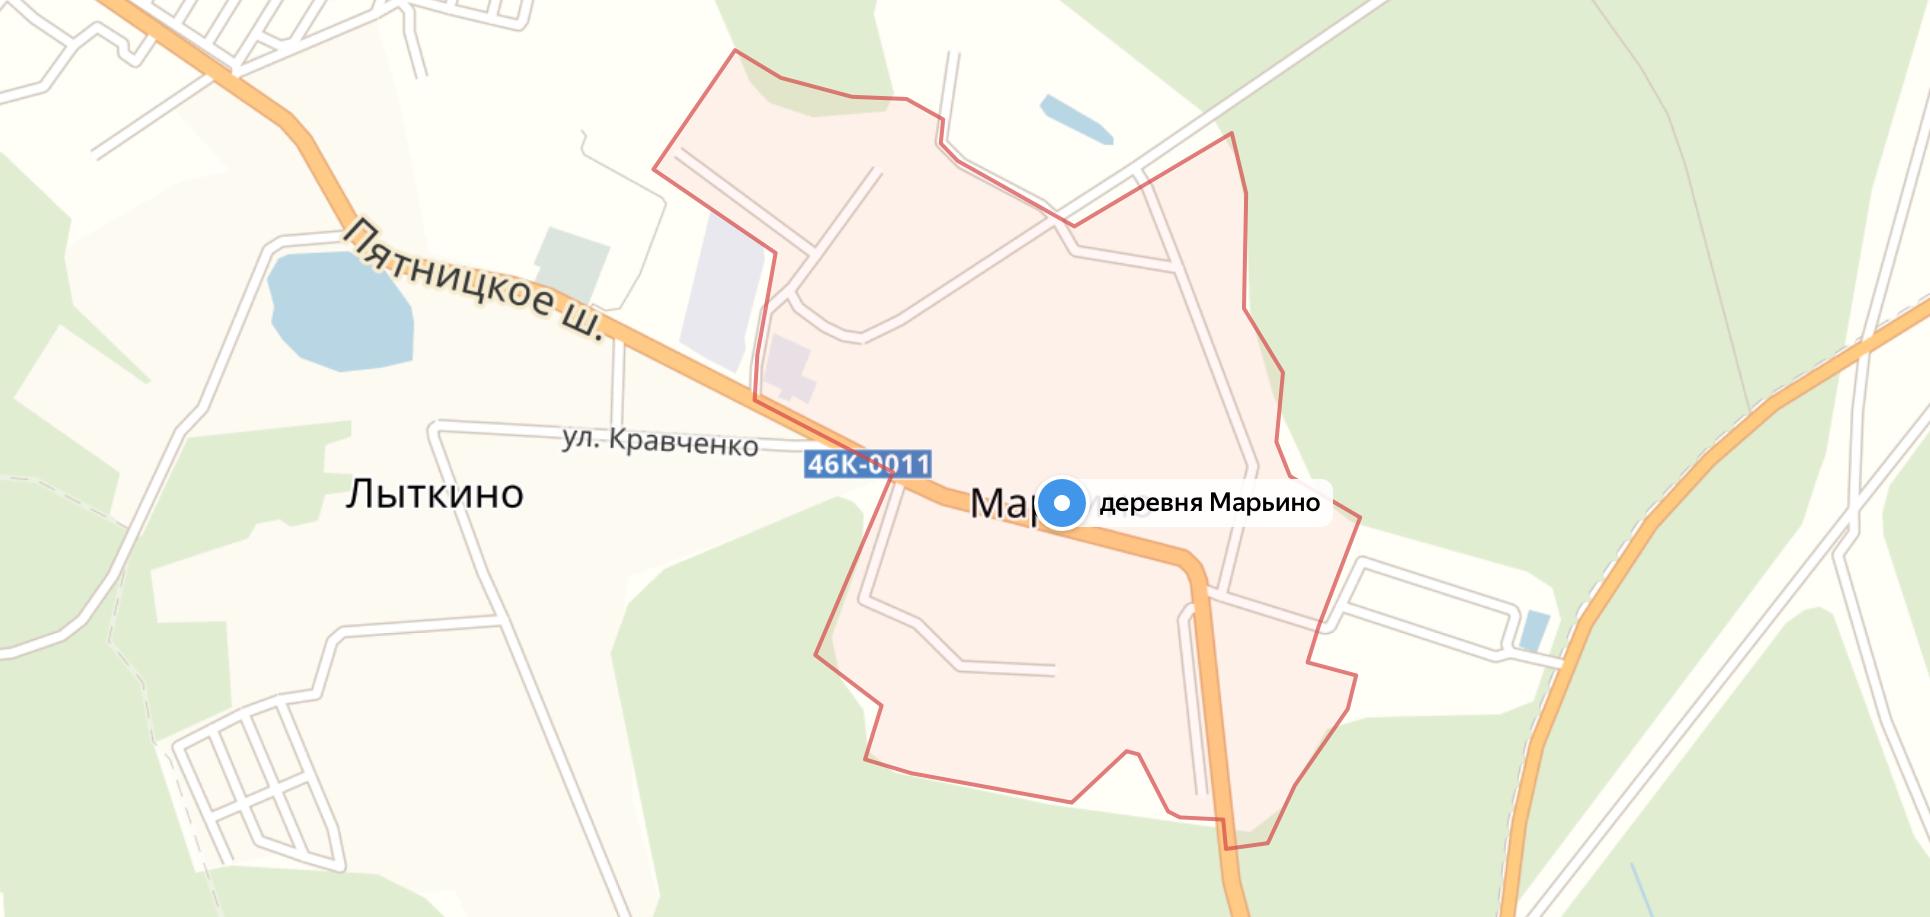 Подключить интернет в Марьино (Солнечногорский район)